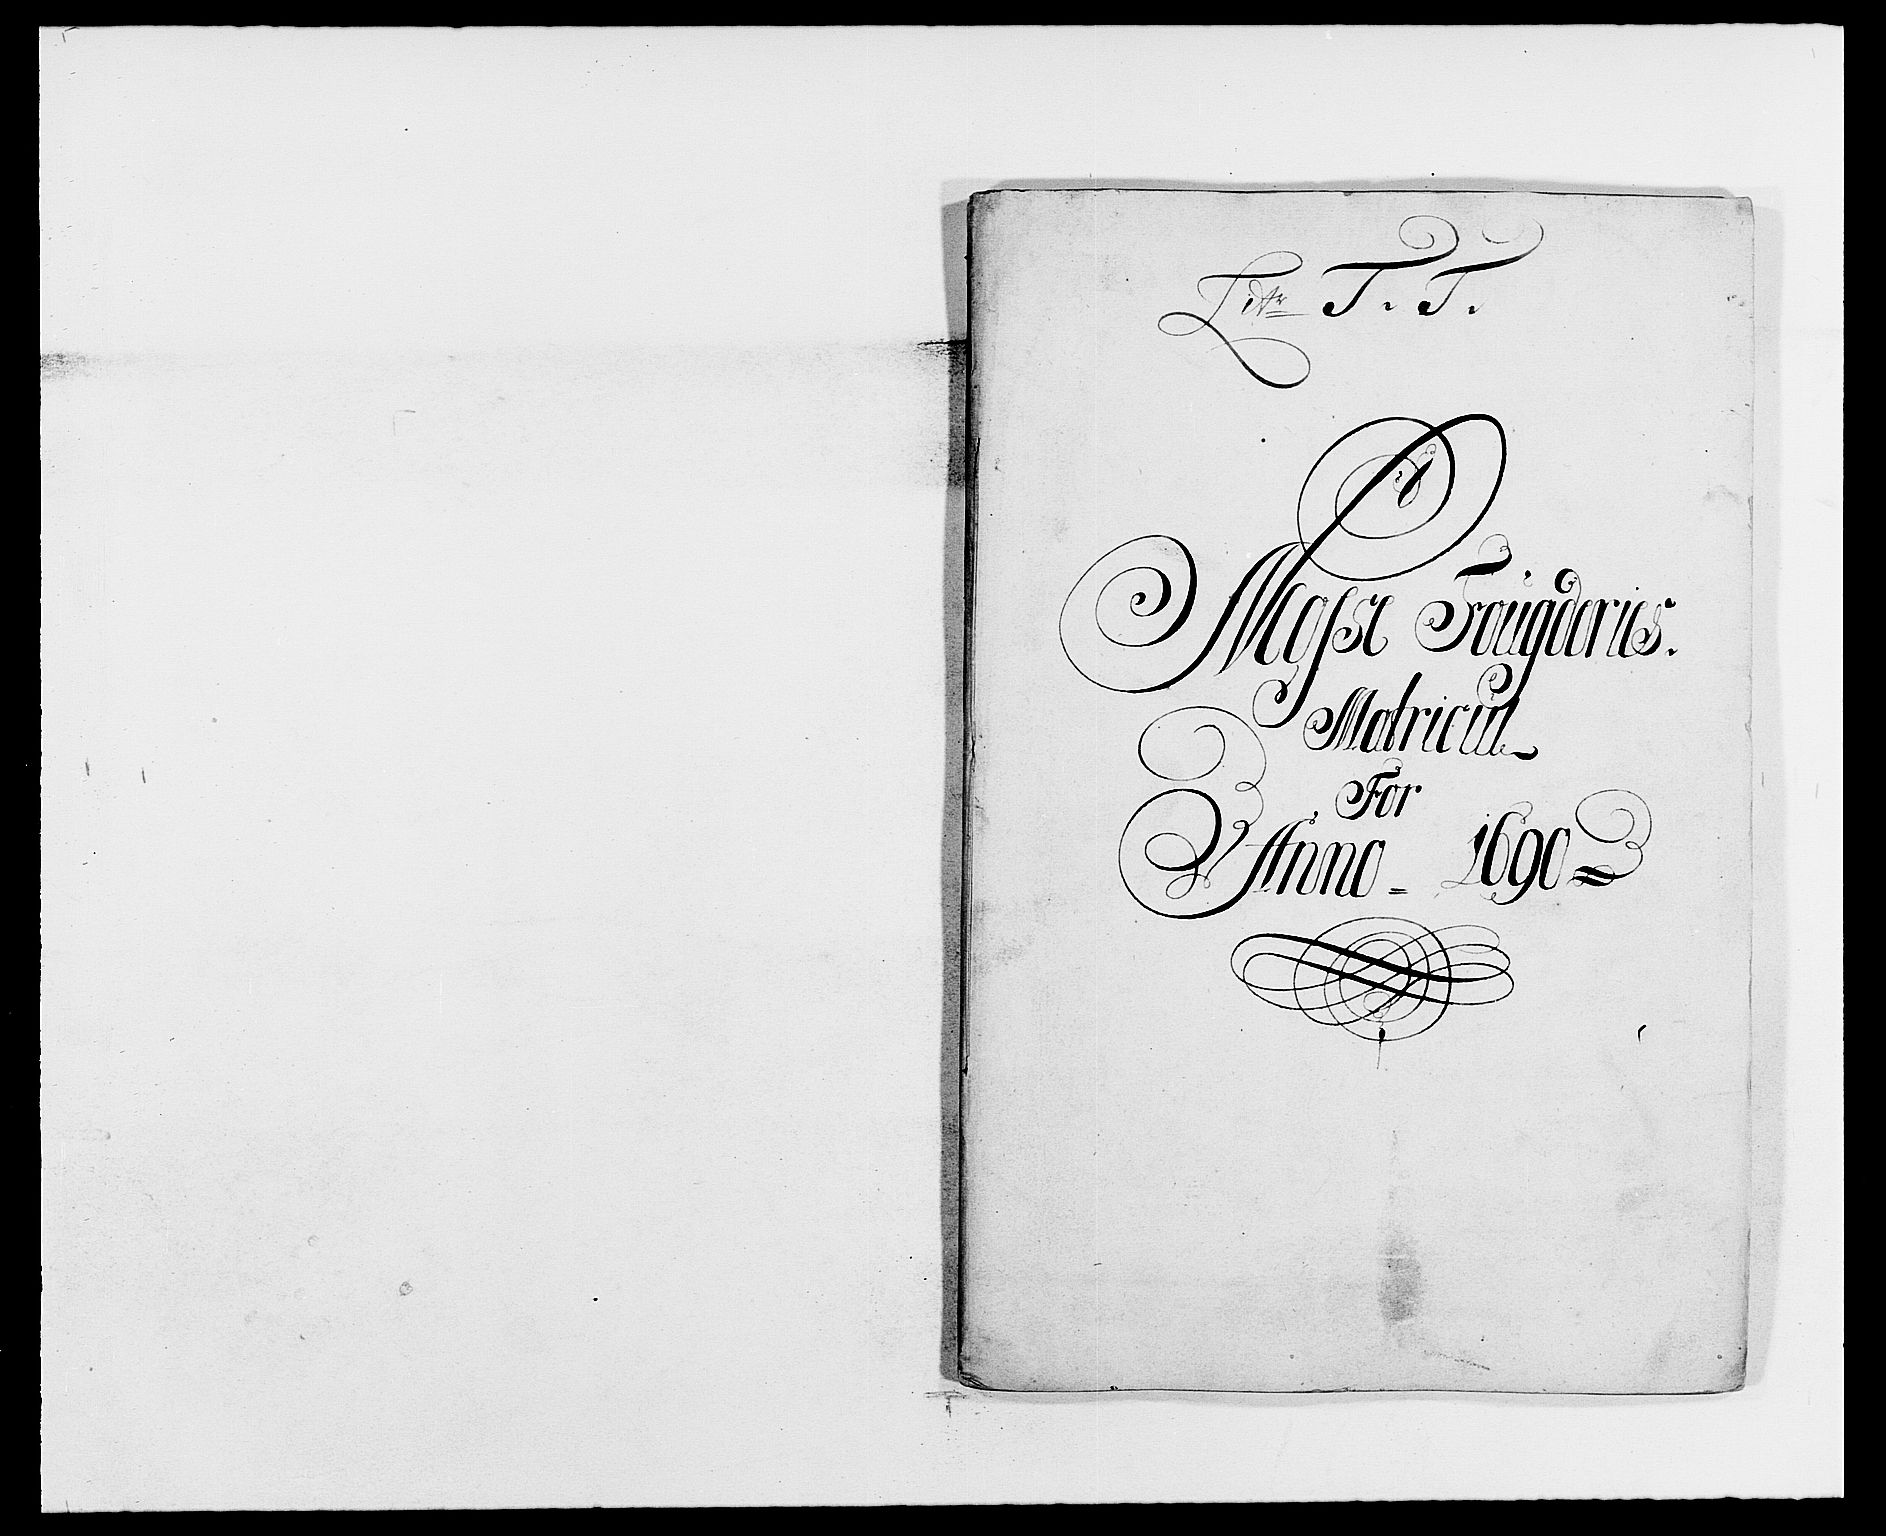 RA, Rentekammeret inntil 1814, Reviderte regnskaper, Fogderegnskap, R02/L0106: Fogderegnskap Moss og Verne kloster, 1688-1691, s. 336